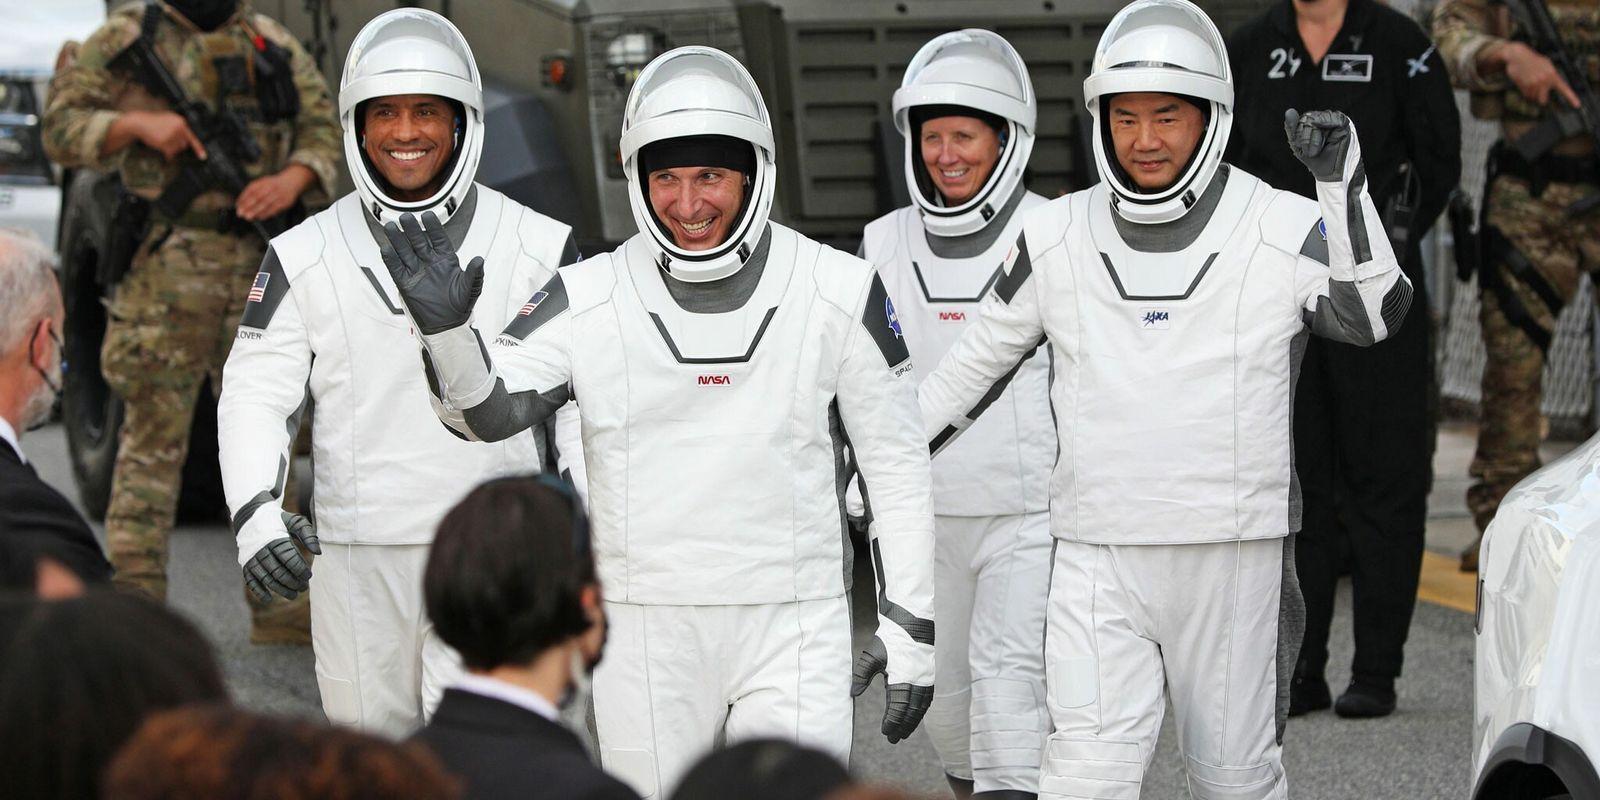 Lançamento da SpaceX Assinala Arranque de Voos Comerciais Regulares em Órbita